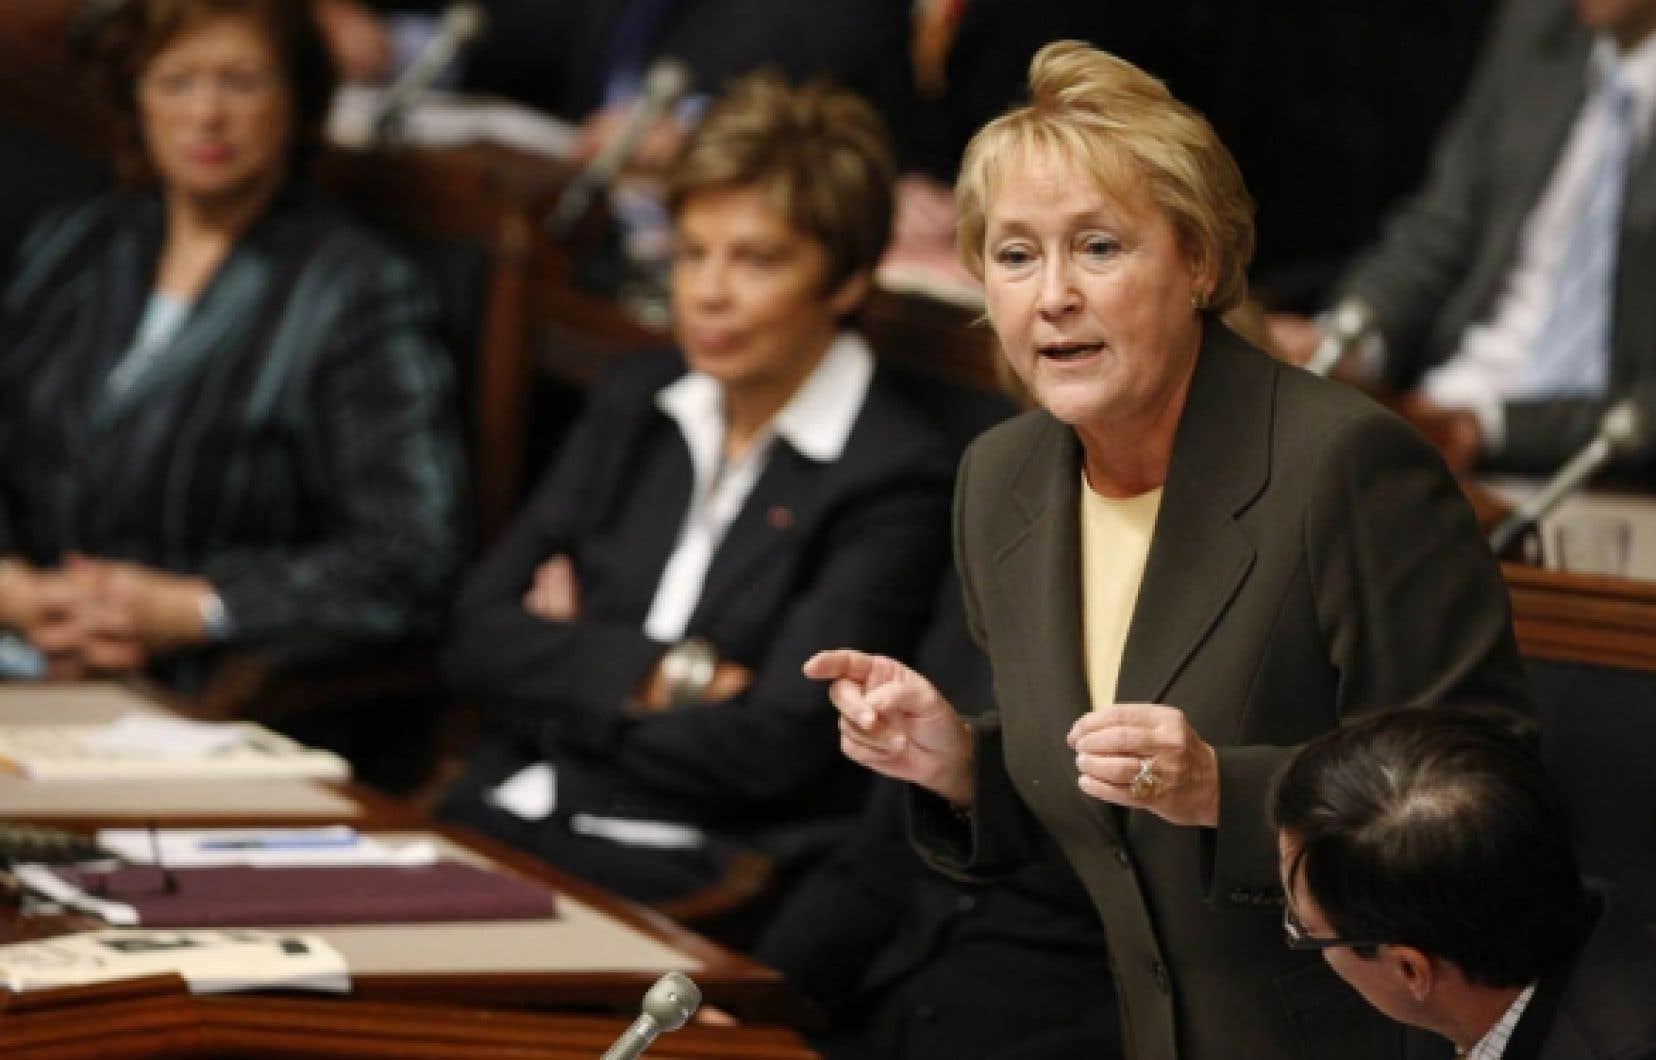 La motion de censure d&eacute;pos&eacute;e hier par Pauline Marois sera port&eacute;e aux voix mercredi.<br />